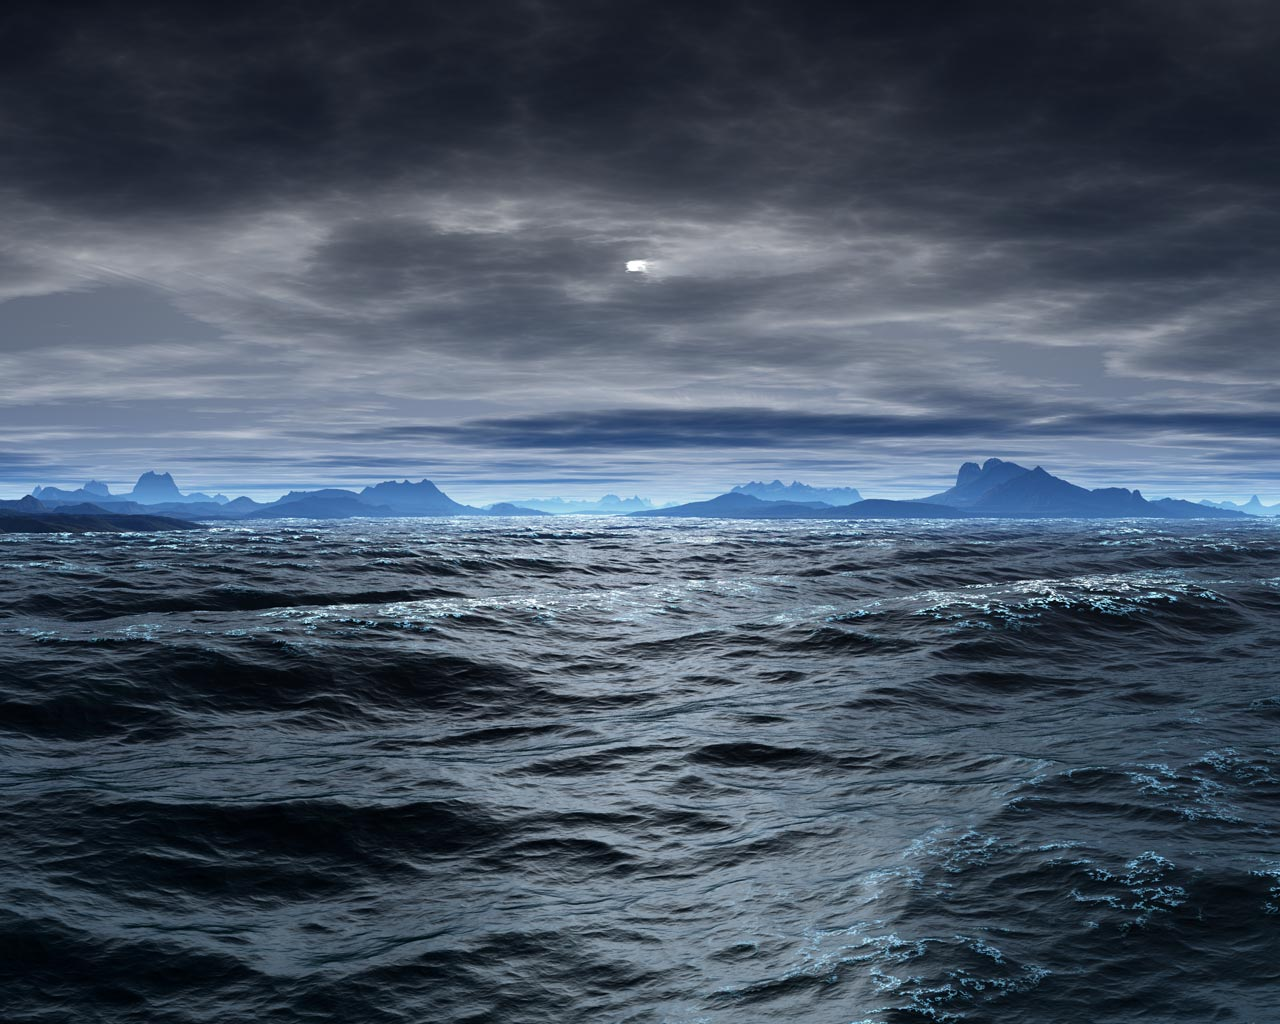 HD Desktop Wallpapers Online Best Collection Of Ocean Wallpapers 1280x1024